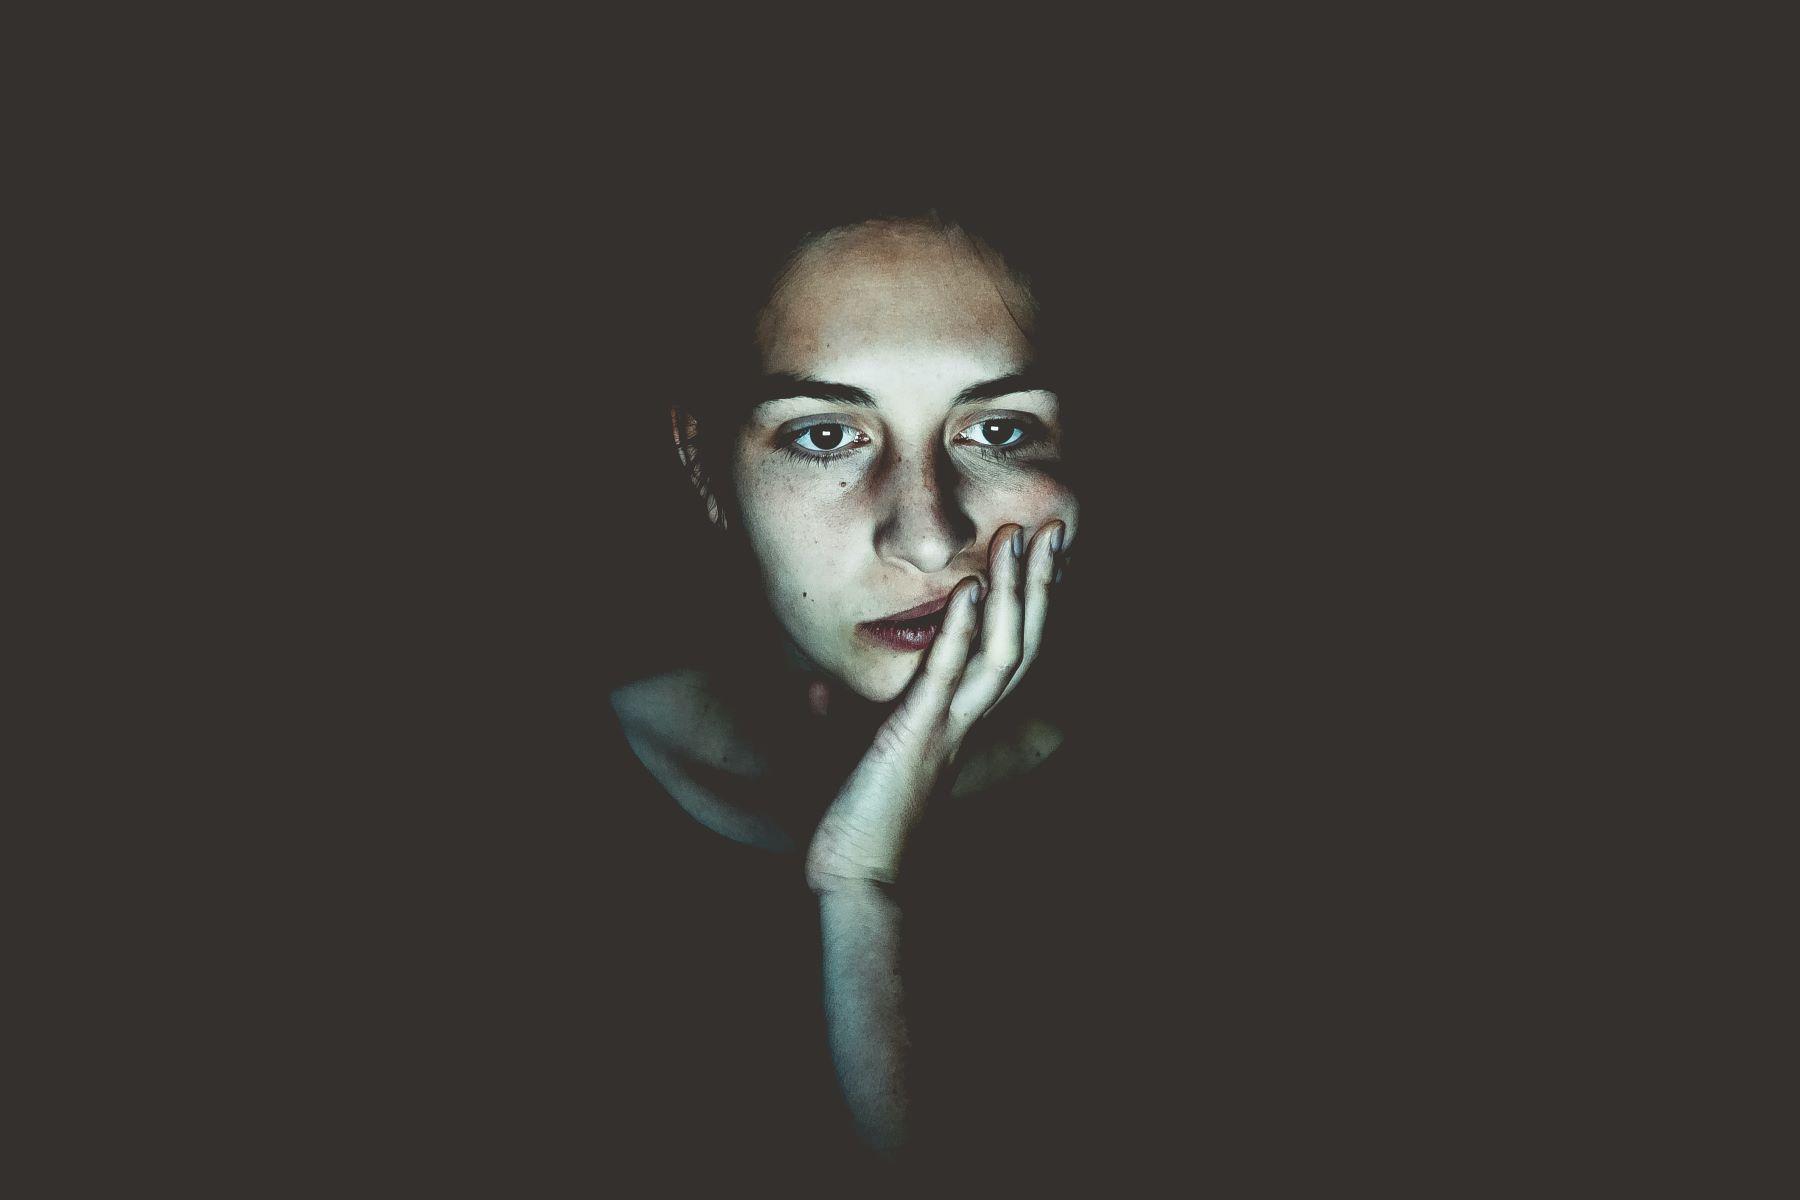 Boredom and depression